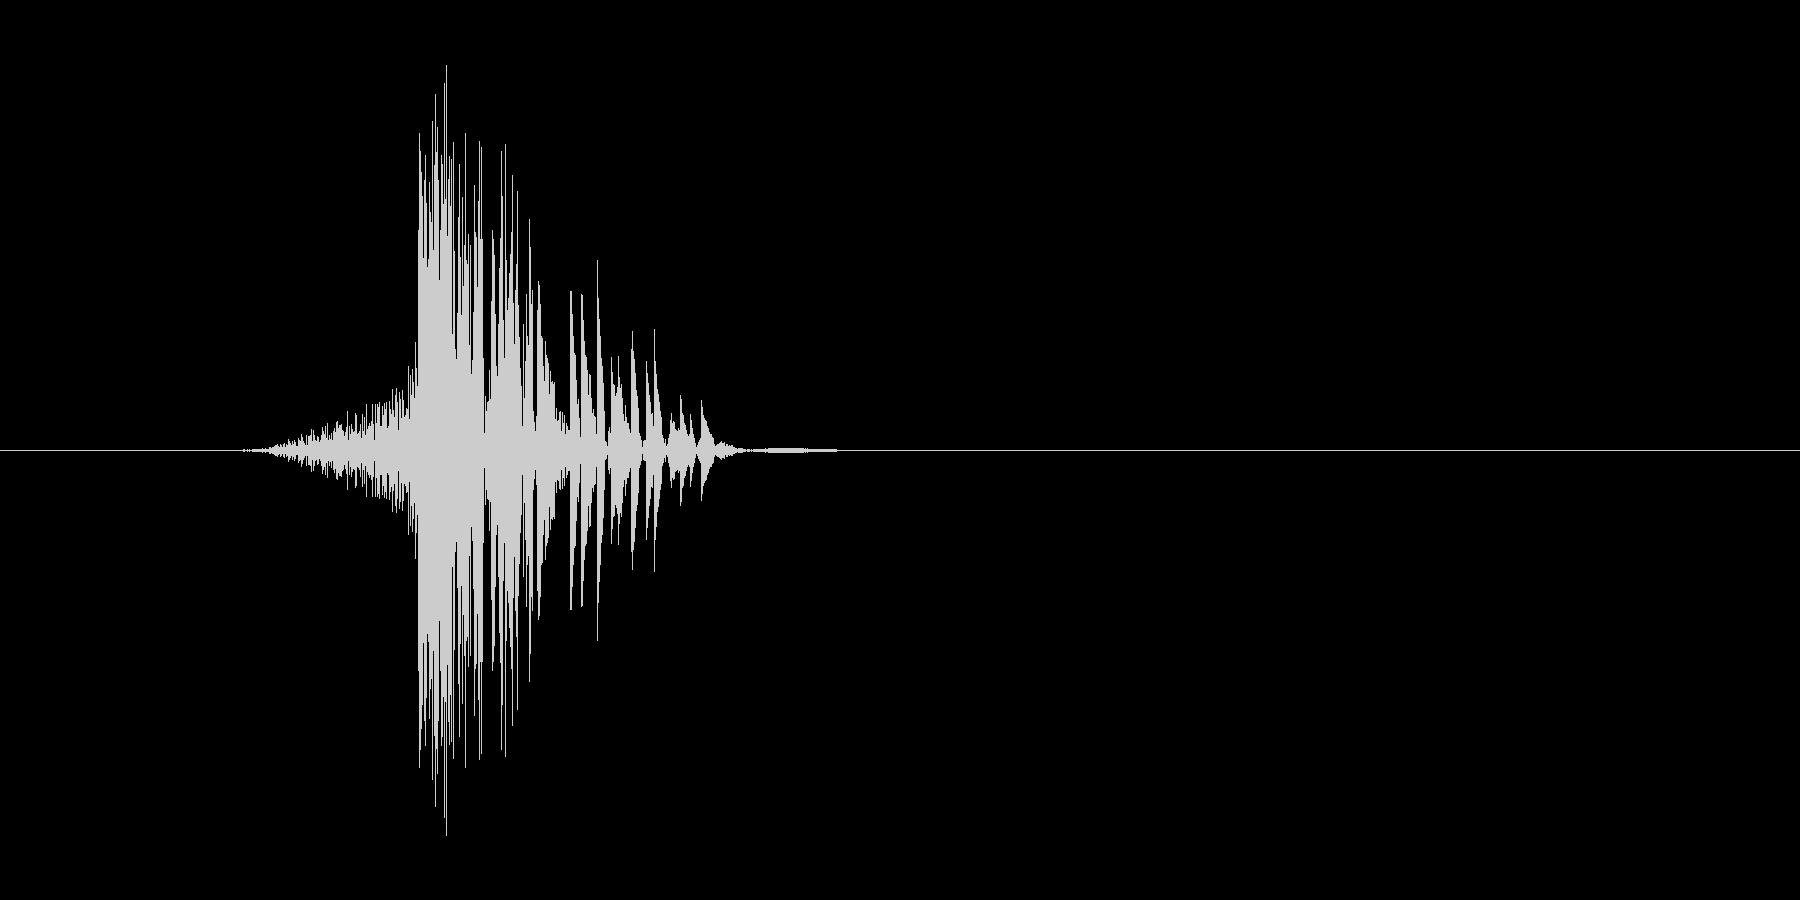 ゲーム(ファミコン風)ヒット音_018の未再生の波形